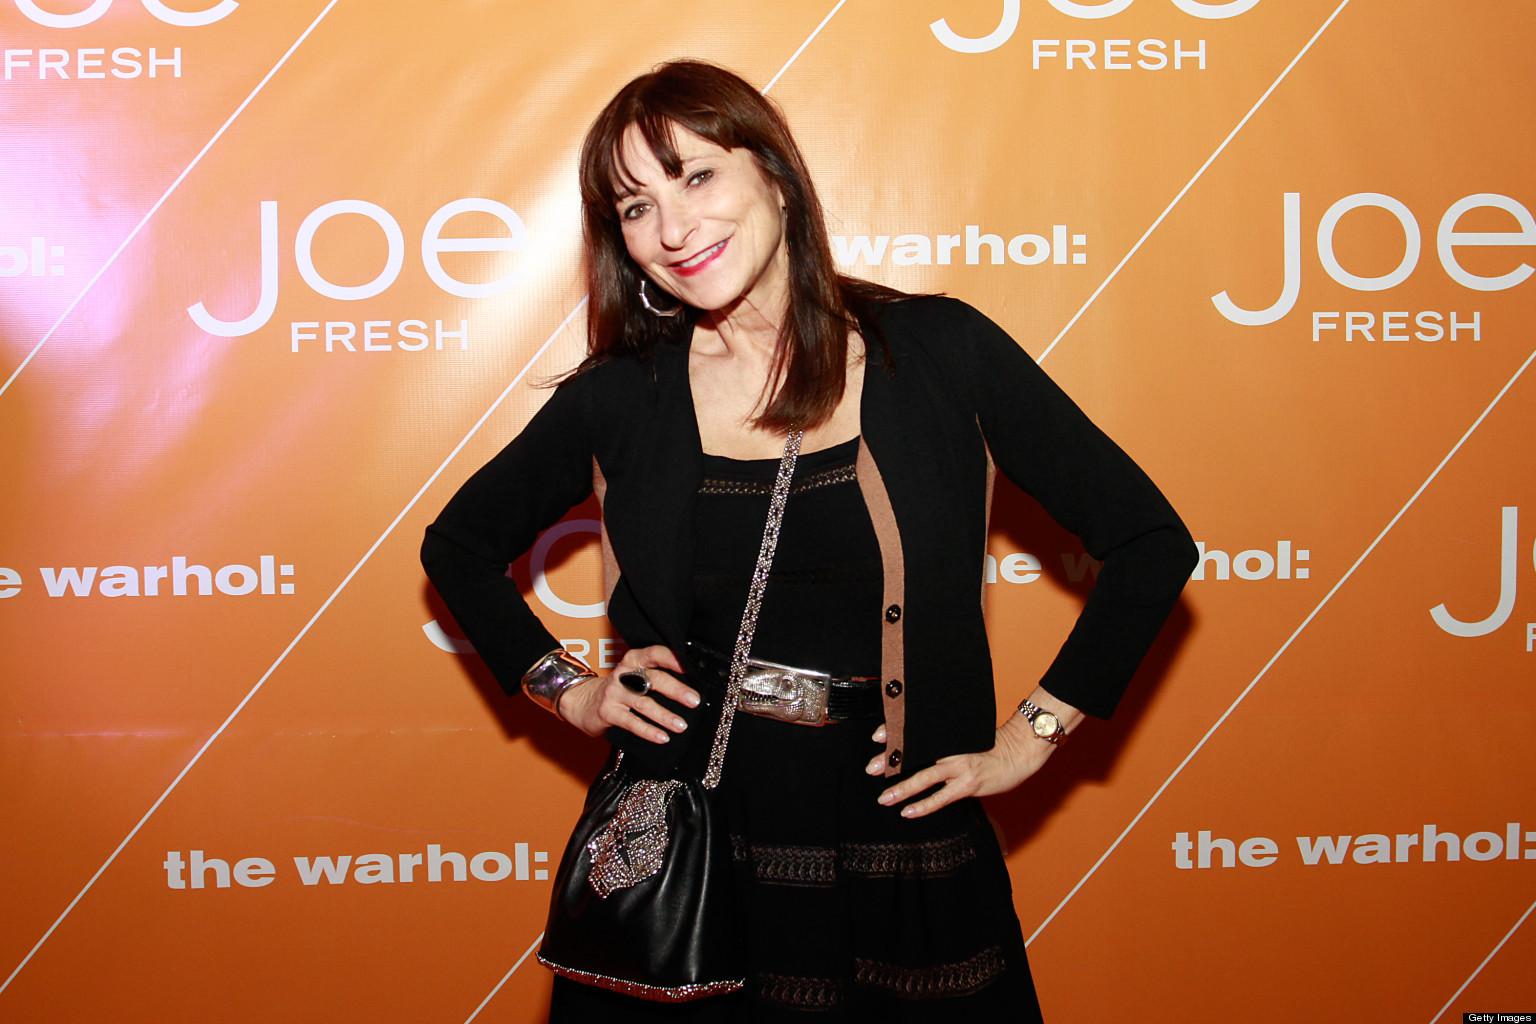 Jeanne beker fashion tv Jeanne Beker - Home Facebook